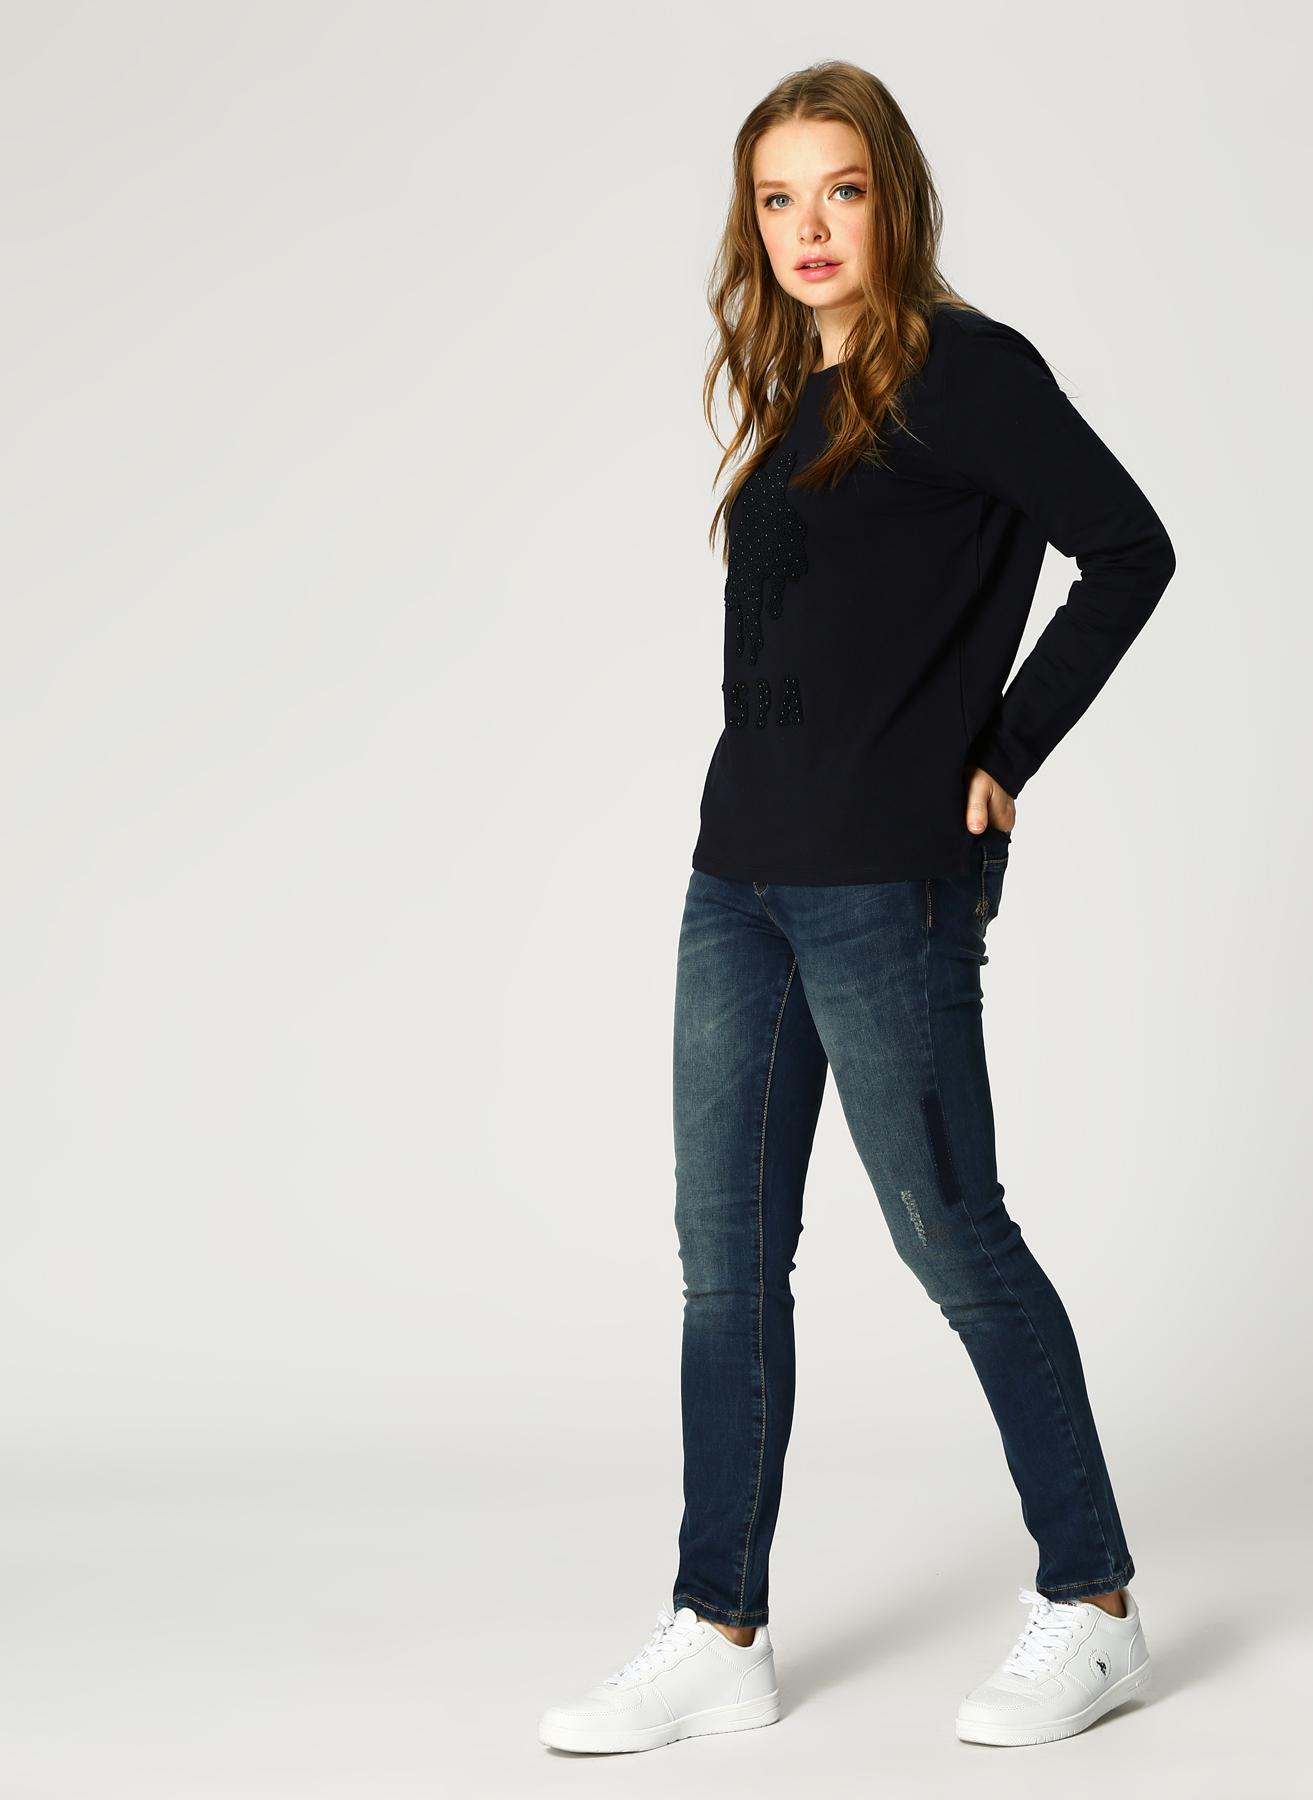 U.S. Polo Assn. Eskitme Tasarımlı Mavi Pantolon 44 5001733407003 Ürün Resmi